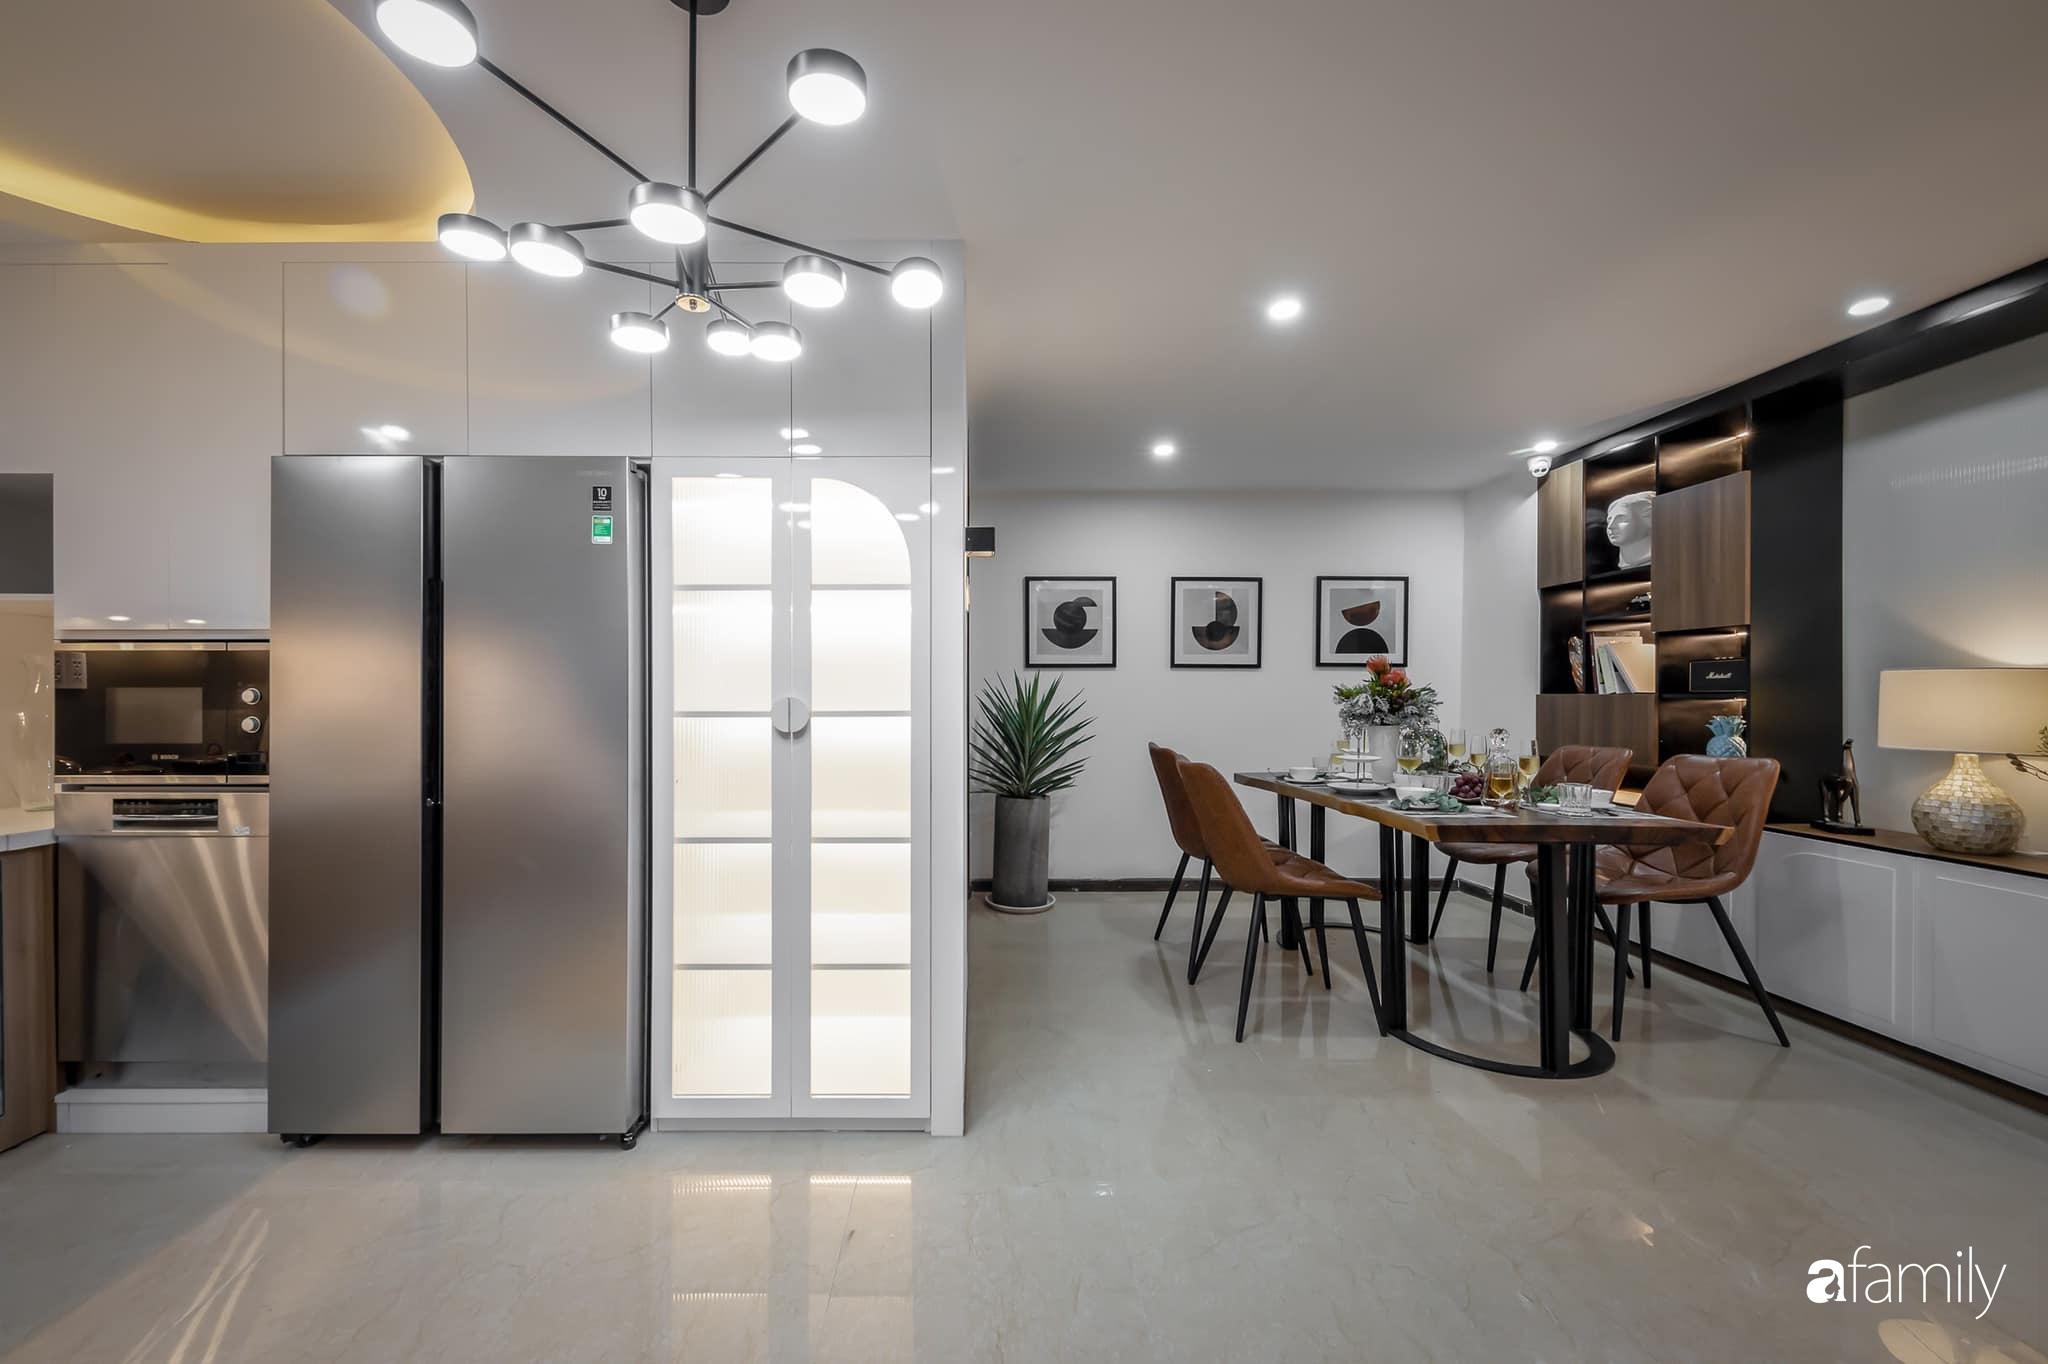 Căn nhà 5 tầng trong hẻm sang chảnh như resort cao cấp với chi phí thiết kế 900 triệu đồng ở TP HCMHCM - Ảnh 2.